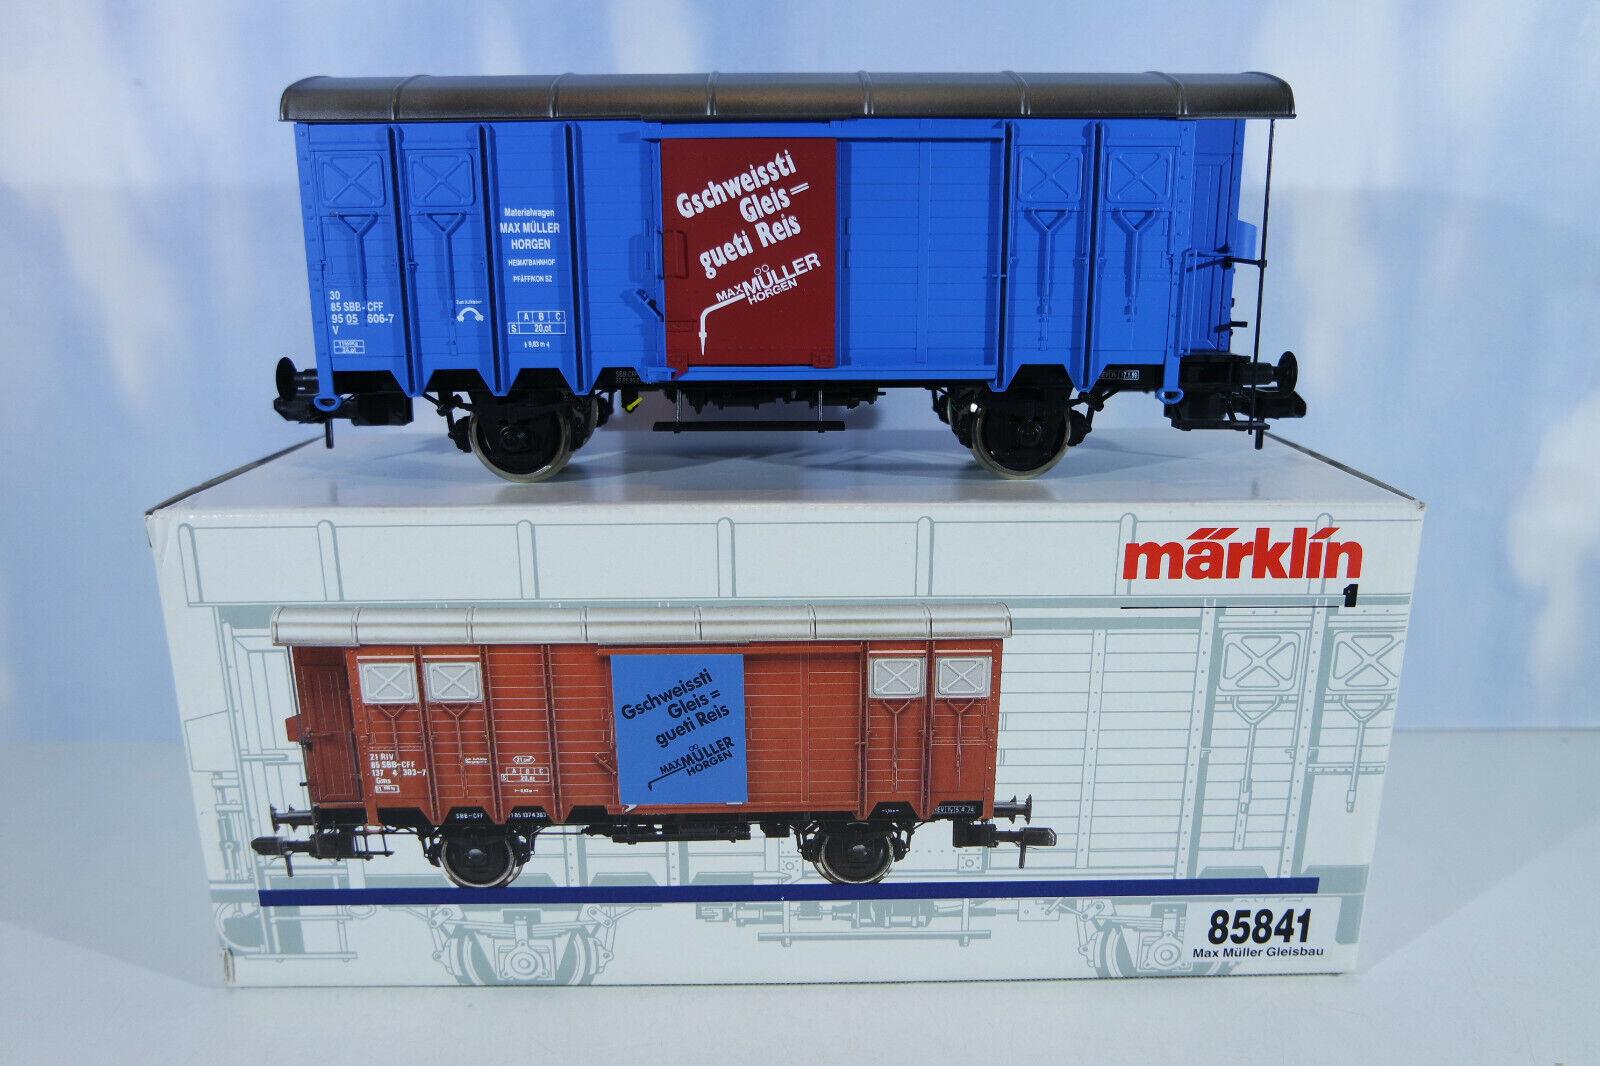 marklin traccia 1 85841 autoro merci SBB, raramente, staccato, OVP